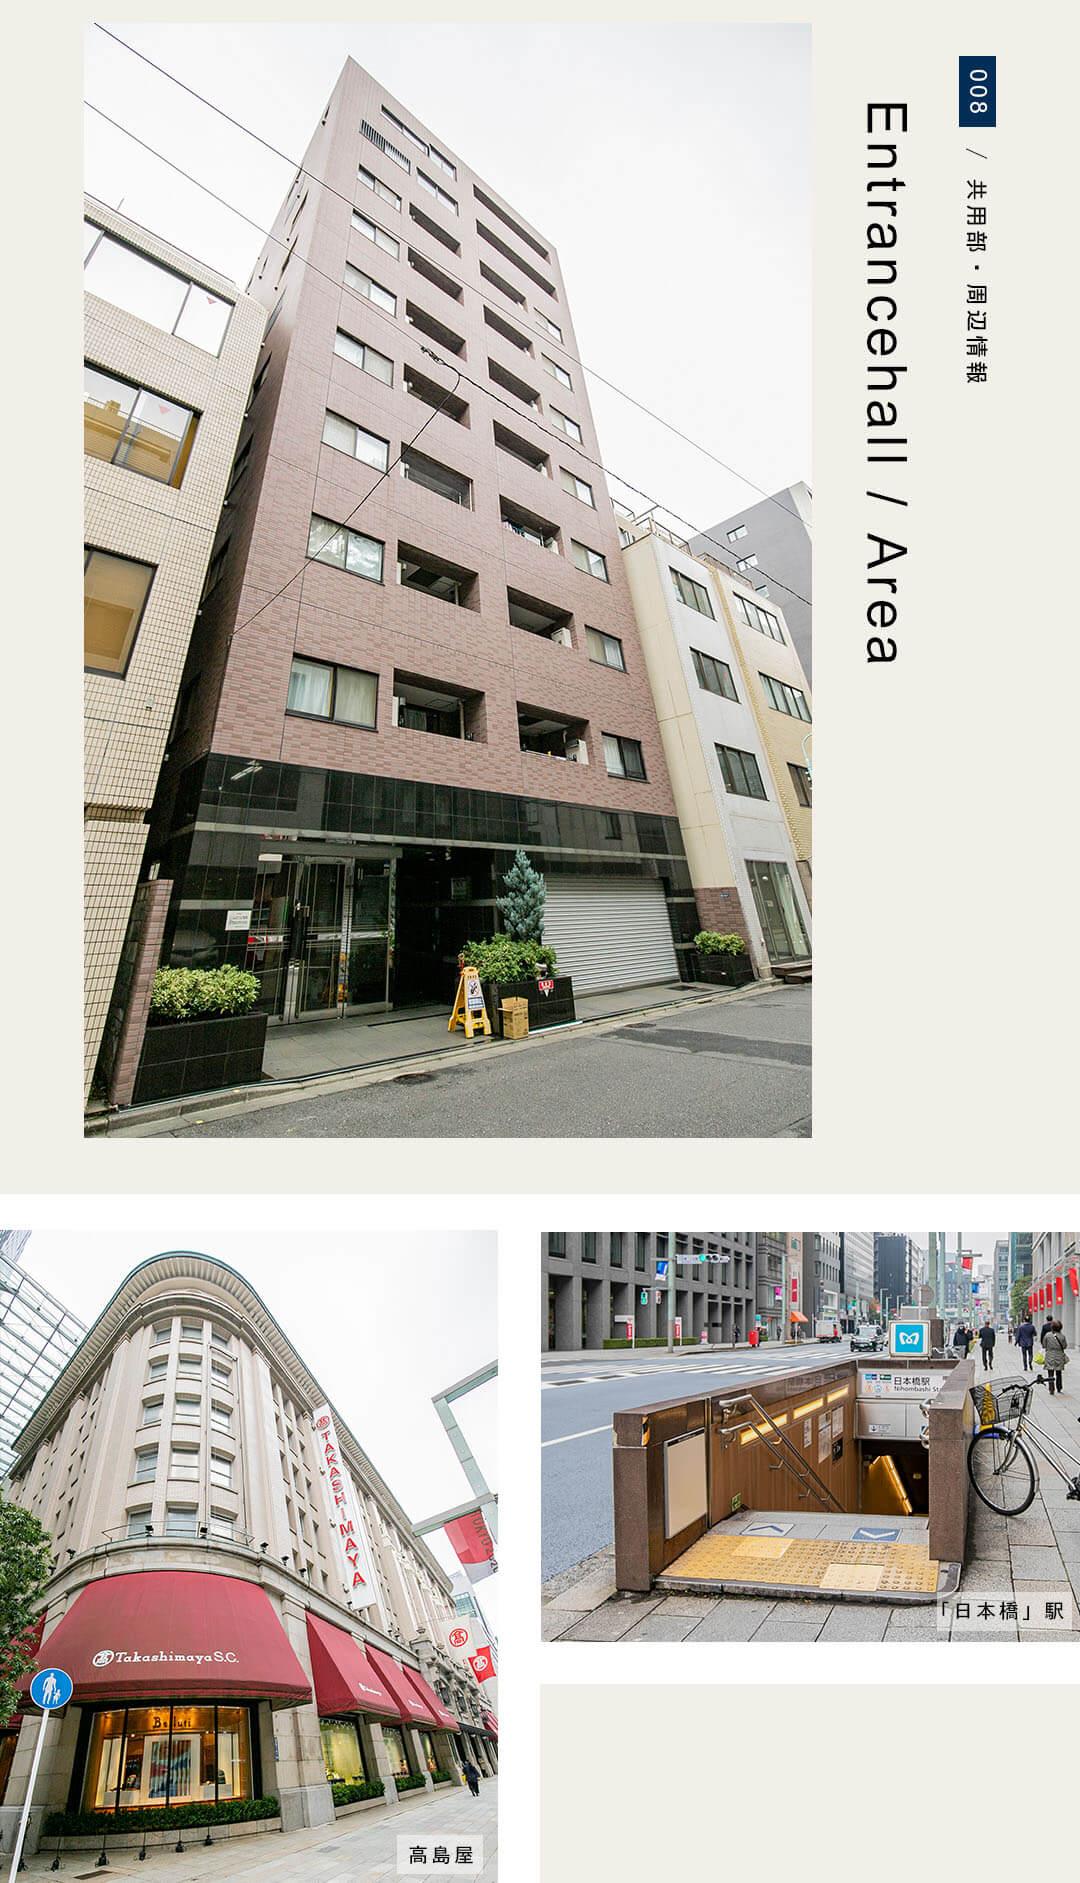 東京アムフラットの外観と周辺情報